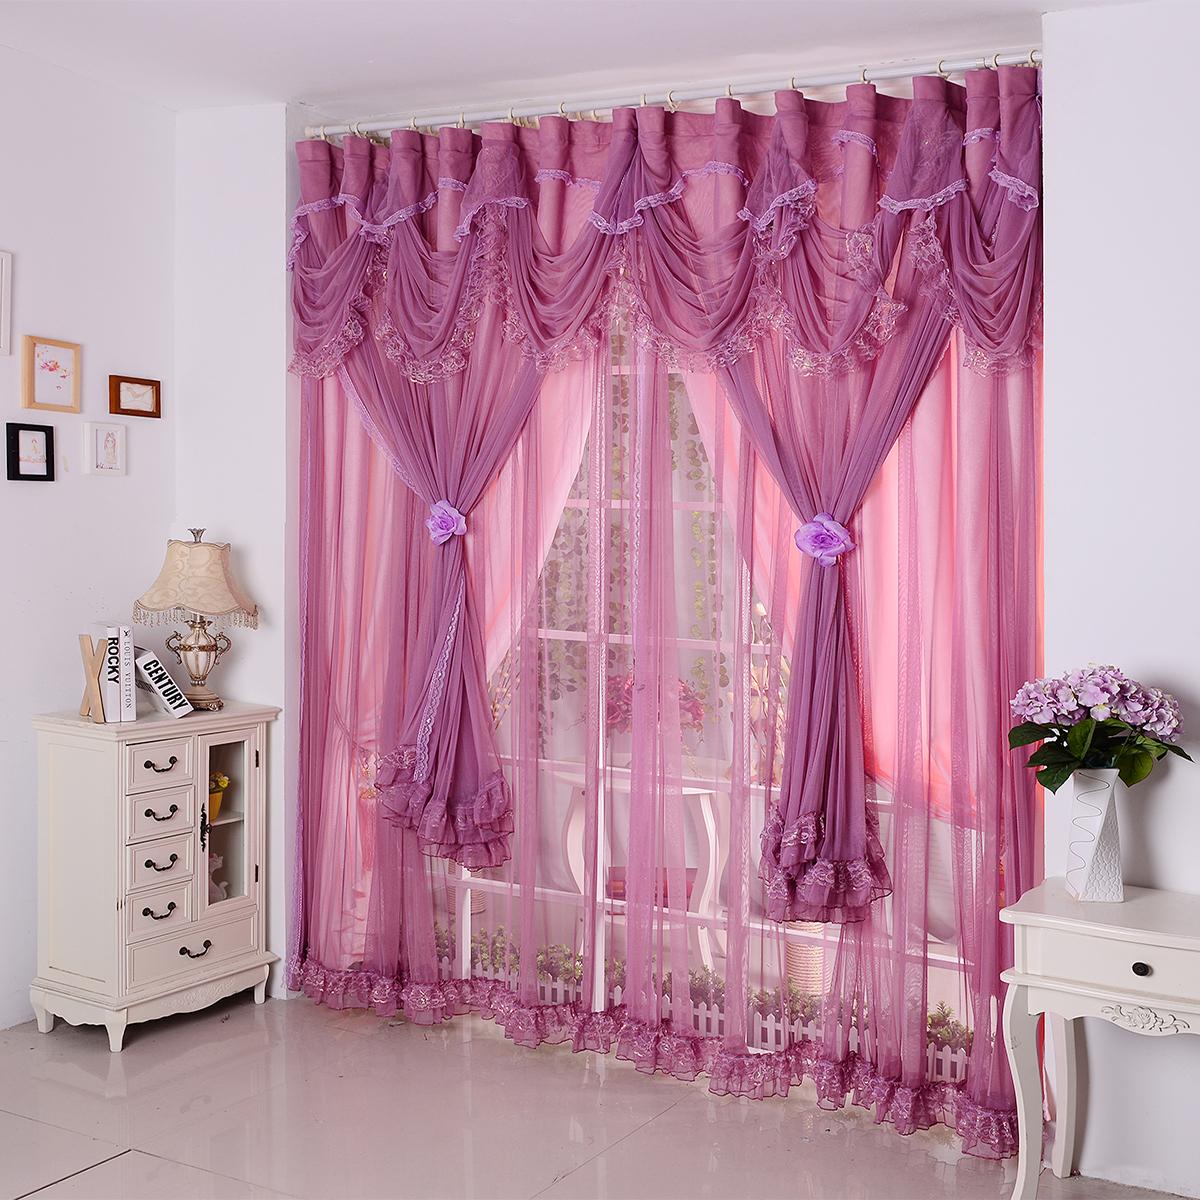 窗帘定制促销艺布时尚布艺垫欧式落地窗 客厅窗帘纱帘 飘窗酒红色商品图片